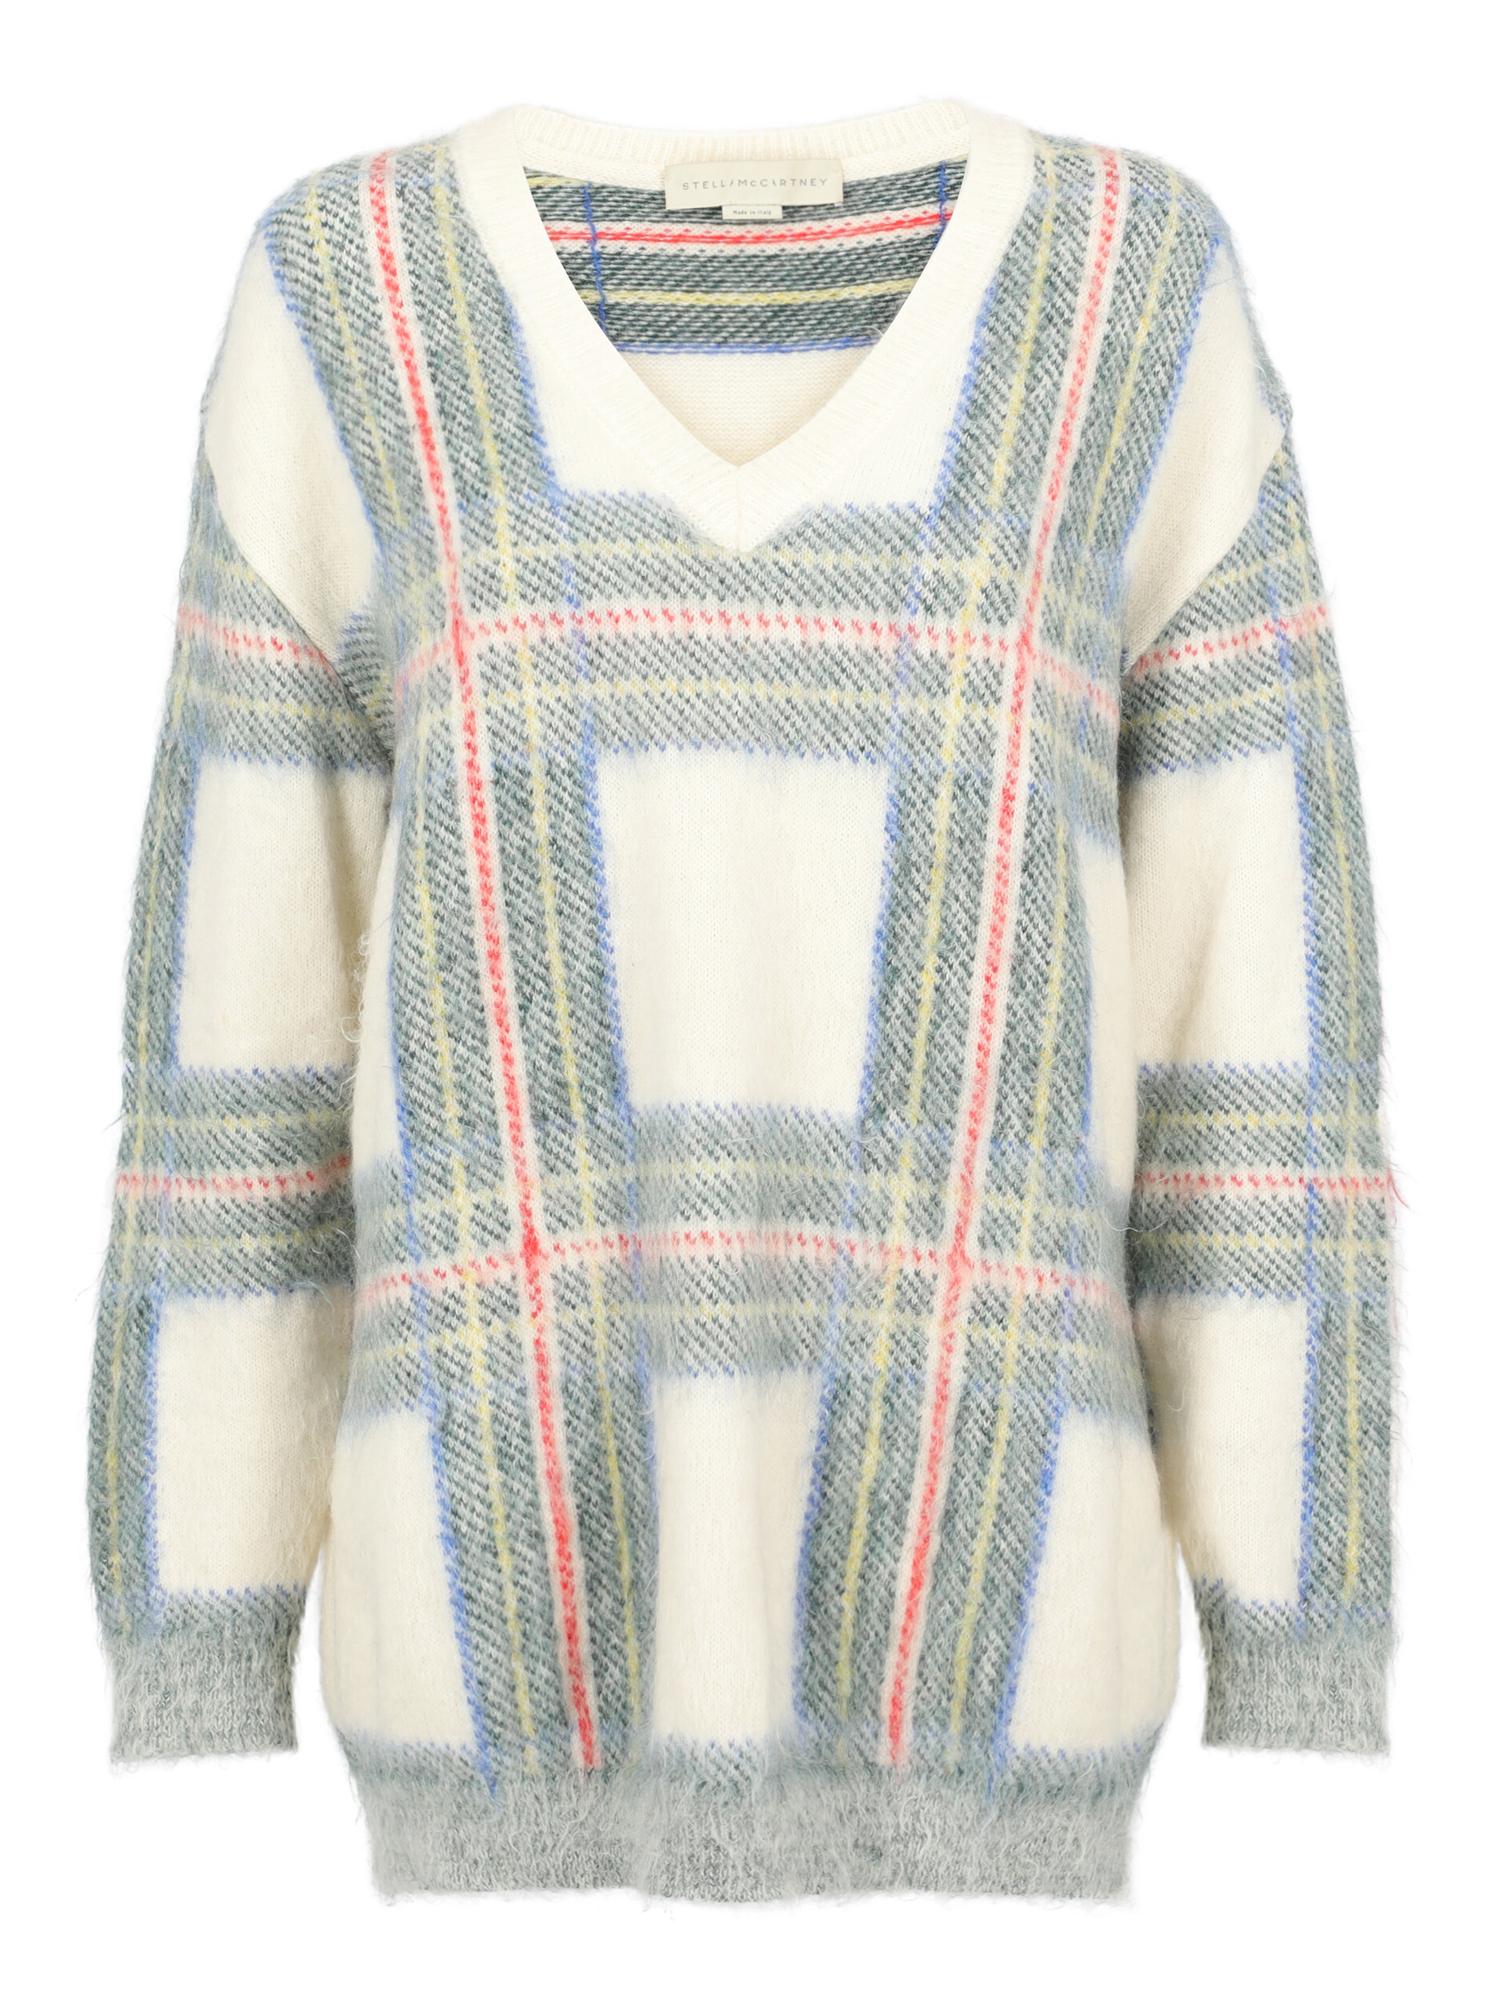 Pre-owned Stella Mccartney Knitwear & Sweatshirts In Green, Navy, White